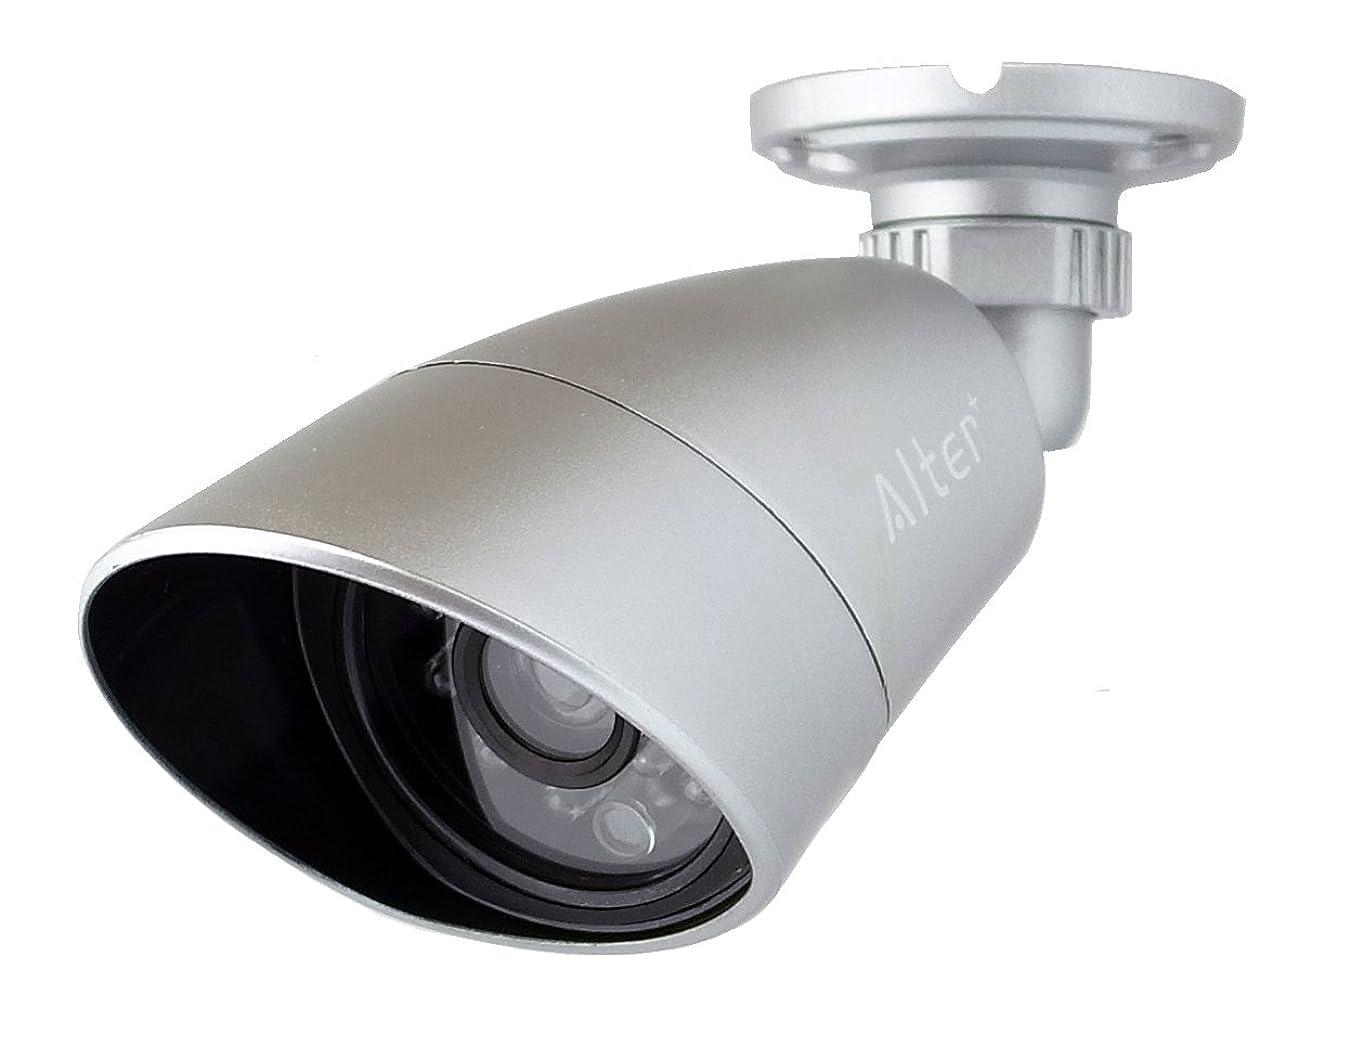 歌うテーマリボンキャロットシステムズ オルタプラス 監視カメラ 防犯用ミニDIYカメラ 防滴 AT-1300